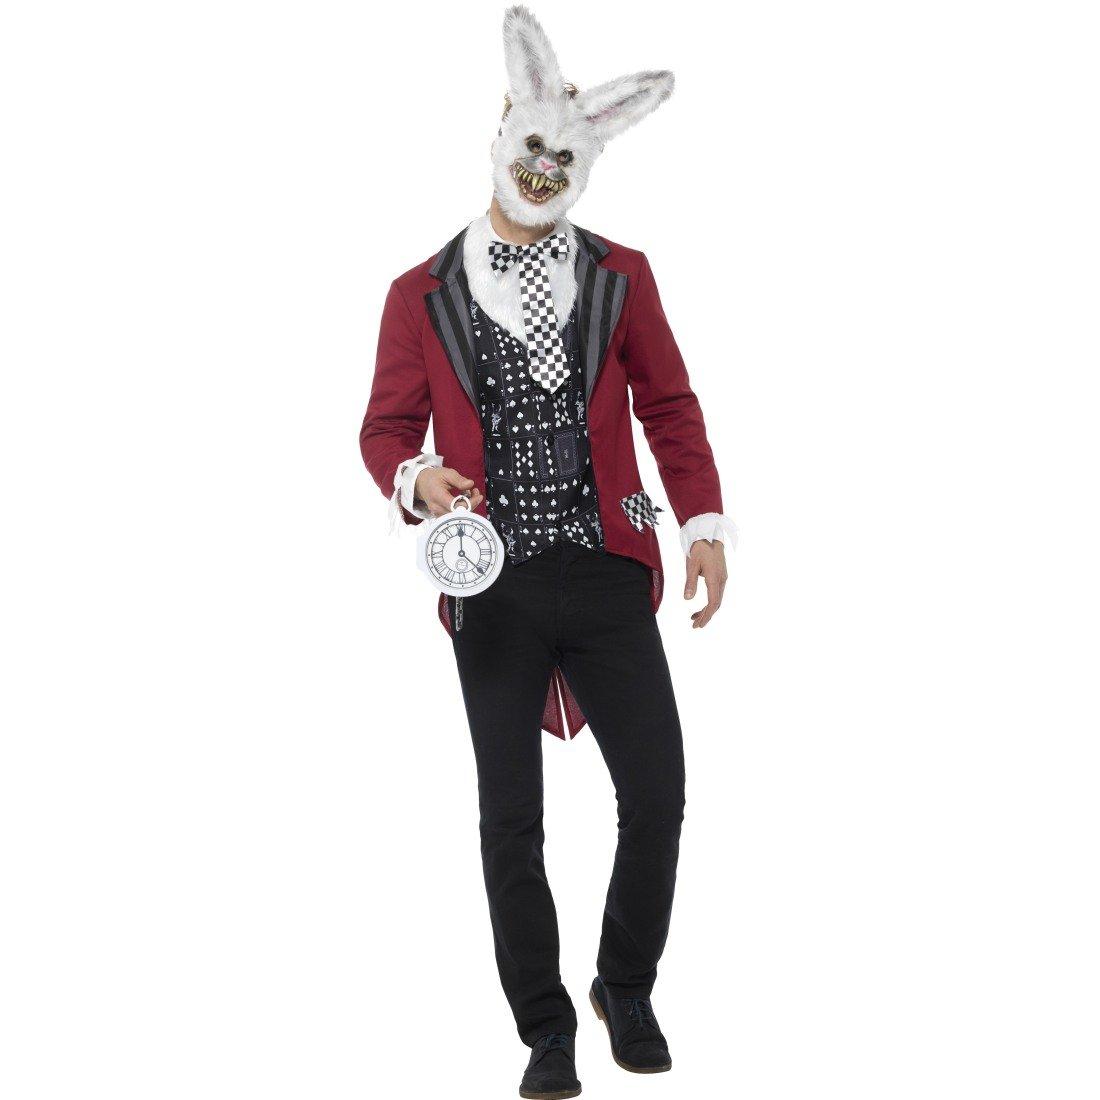 Entrega rápida y envío gratis en todos los pedidos. Traje Hombre Hombre Hombre Liebre - M (ES 48/50)   Disfraz Conejo Blanco   Atuendo Terrorífico Alice en el país de Las Maravillas   Disfraz Halloween Cuento  solo para ti